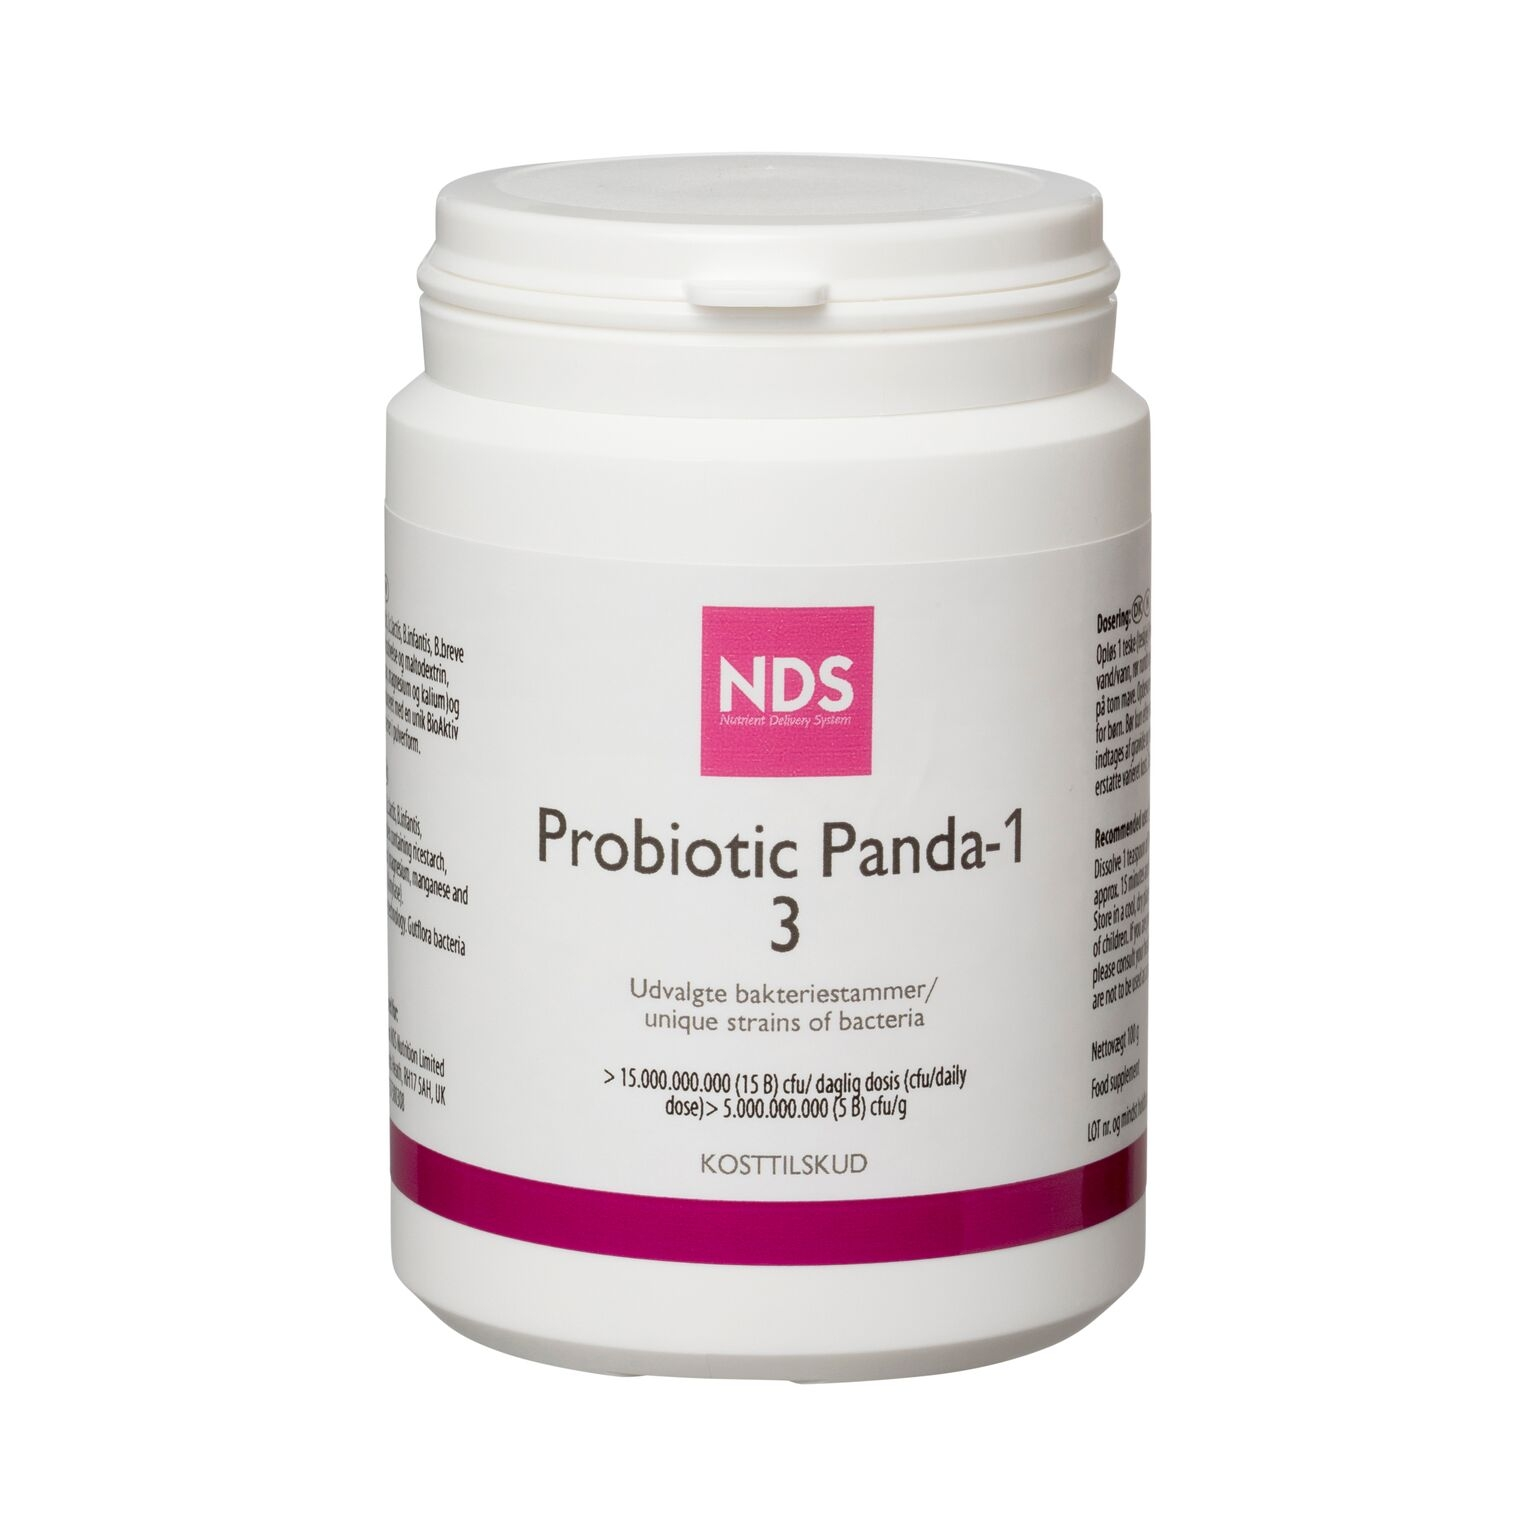 NDSProbioticPanda1 (100g)